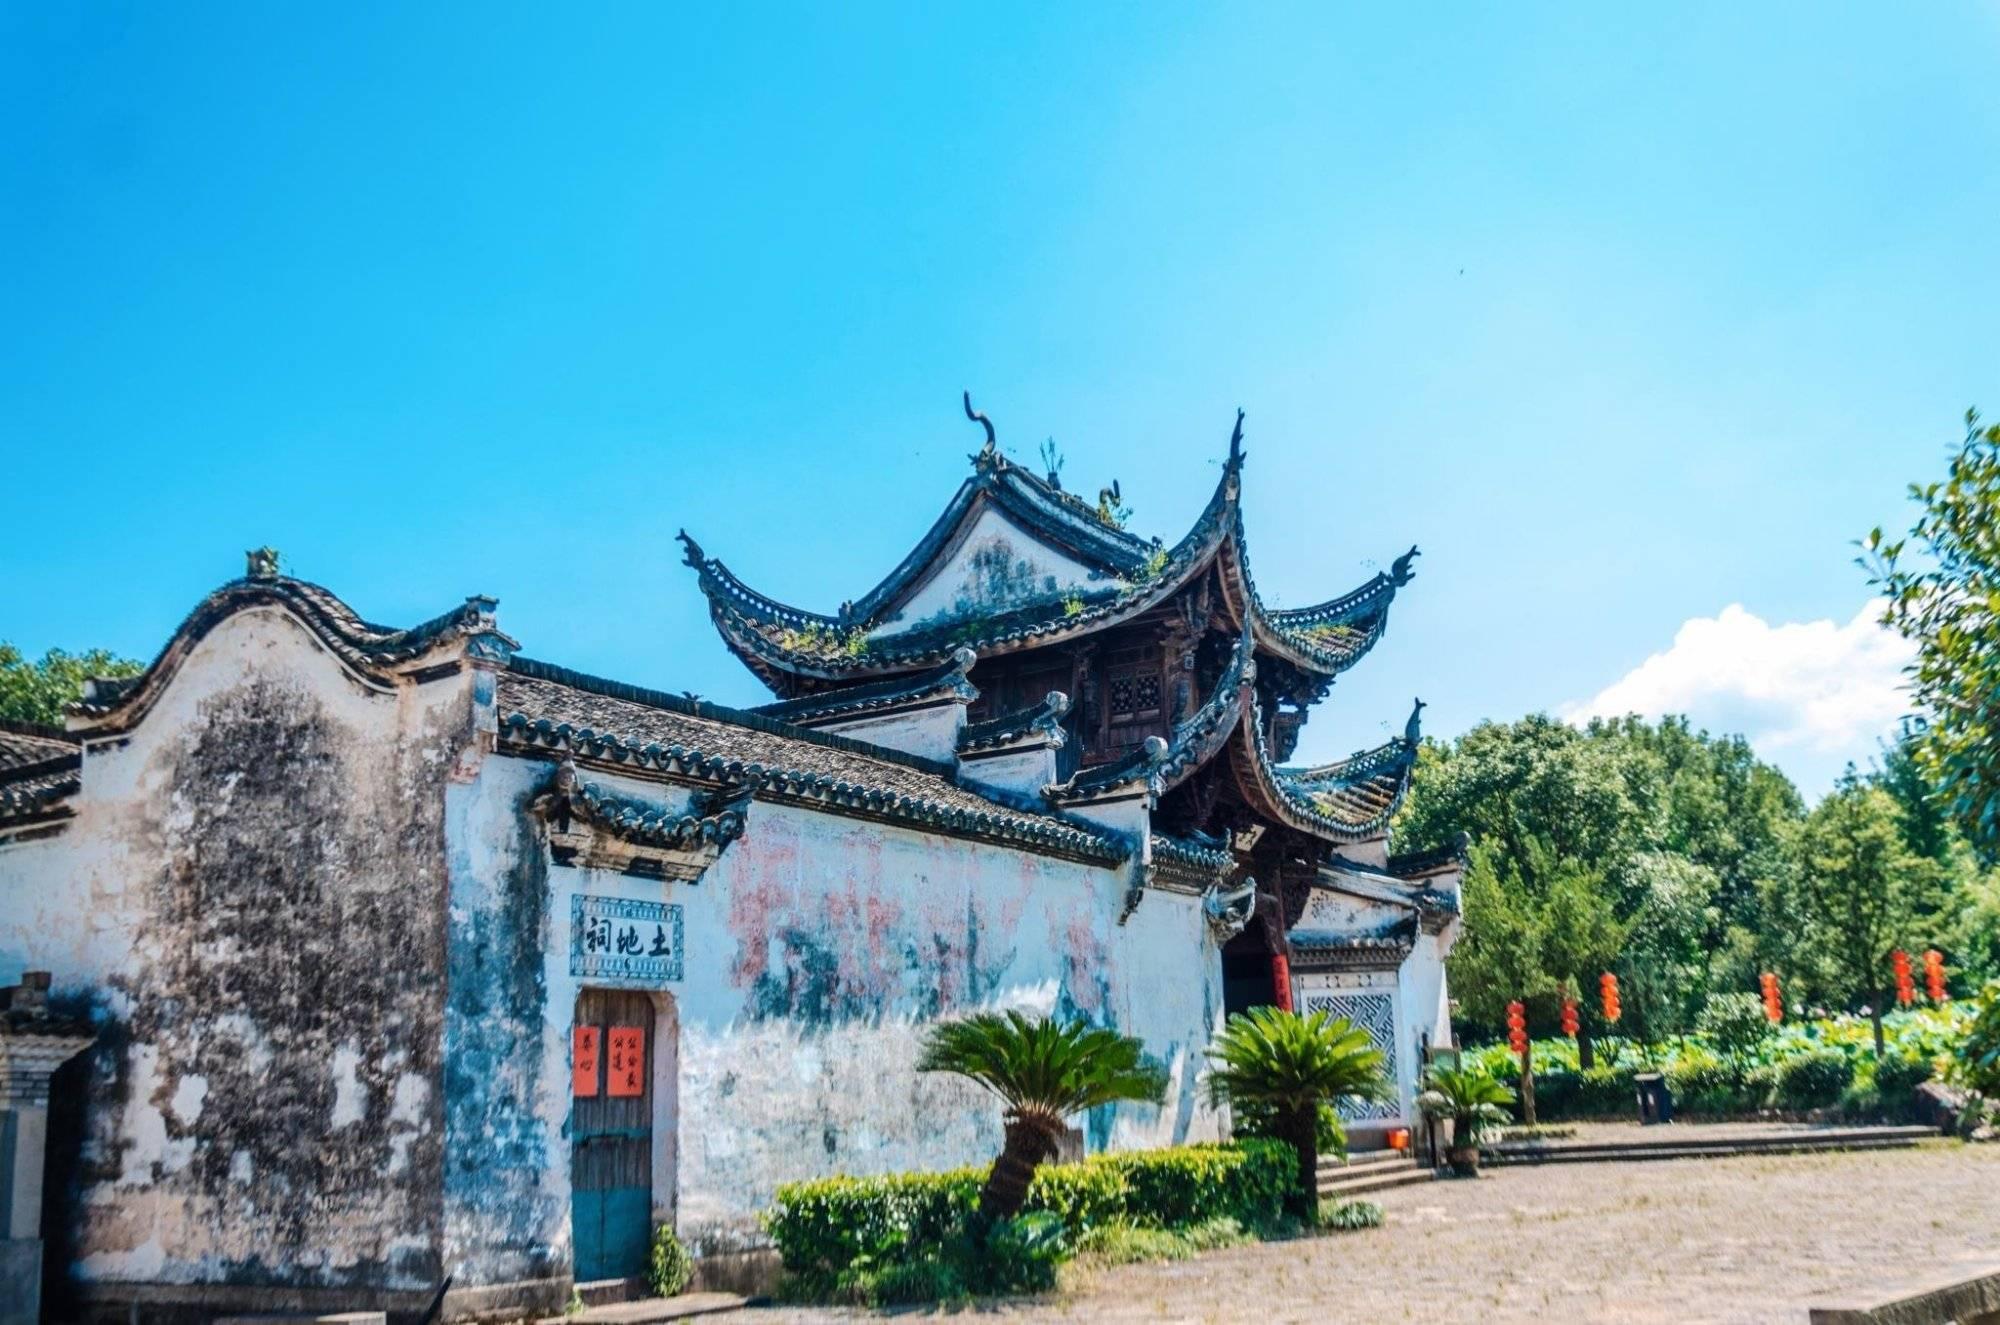 原创             曾经游人如织的古村,如今恢复了往日的安静,就在浙江建德